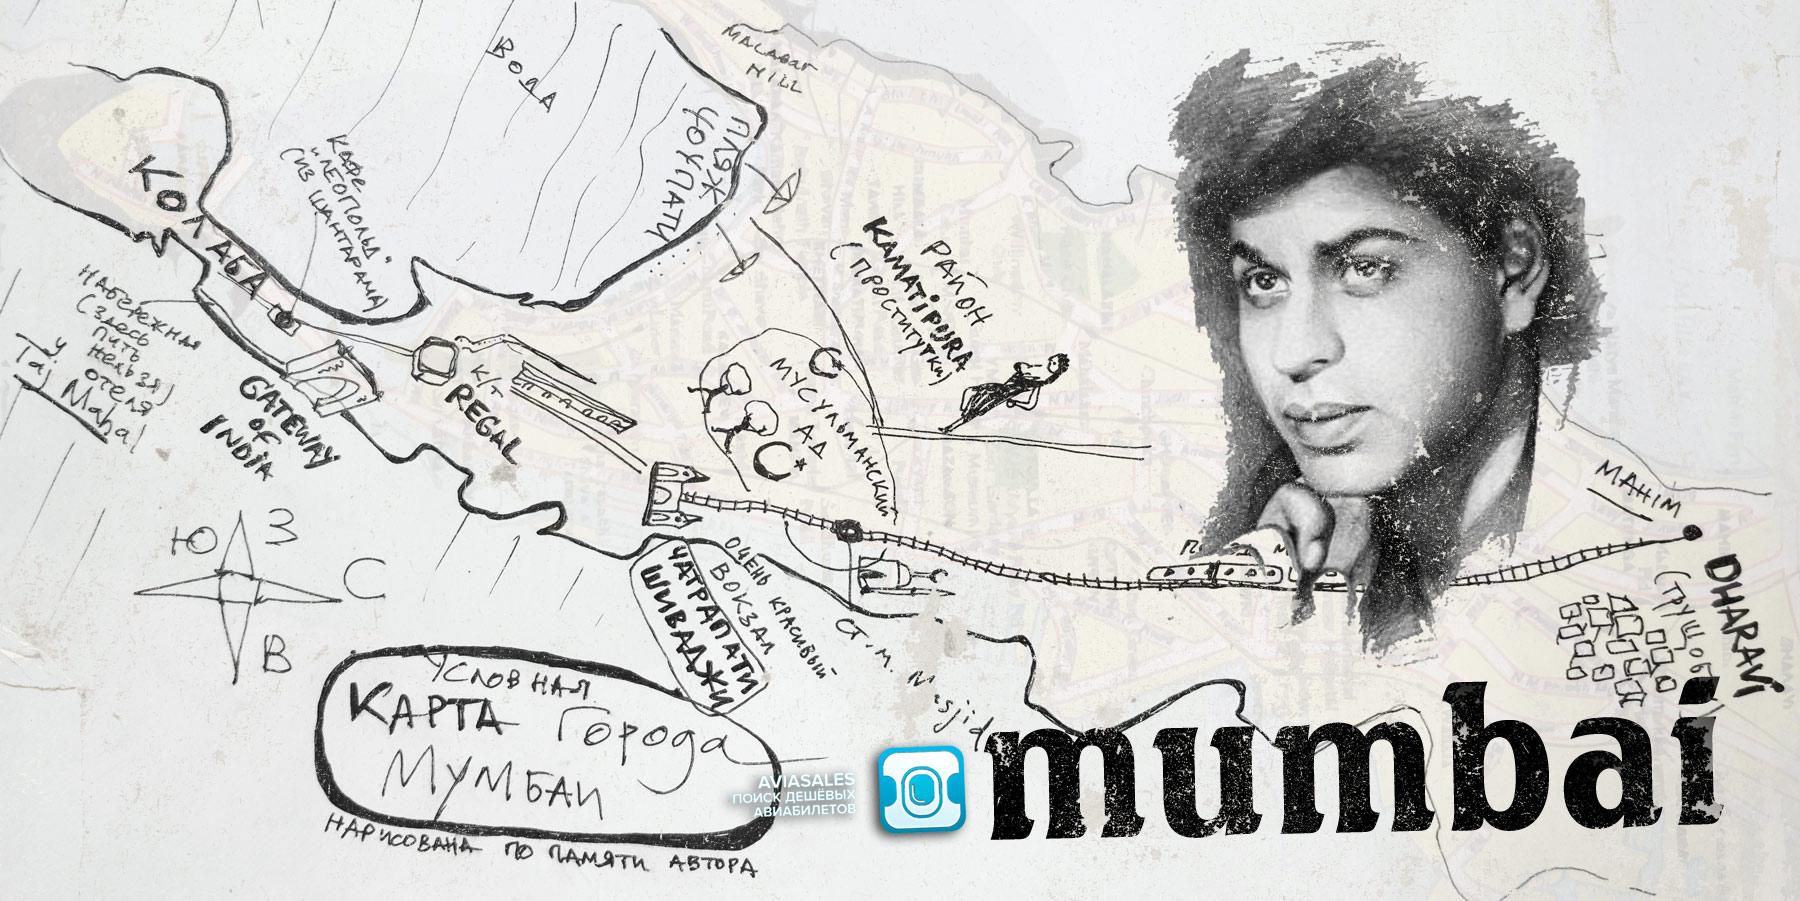 ЗА ЧТО Я ЛЮБЛЮ МУМБАИ: МУСУЛЬМАНСКИЙ АД, ПРОСТИТУТКИ, БОЛЛИВУД И ДРУГОЕ Z01